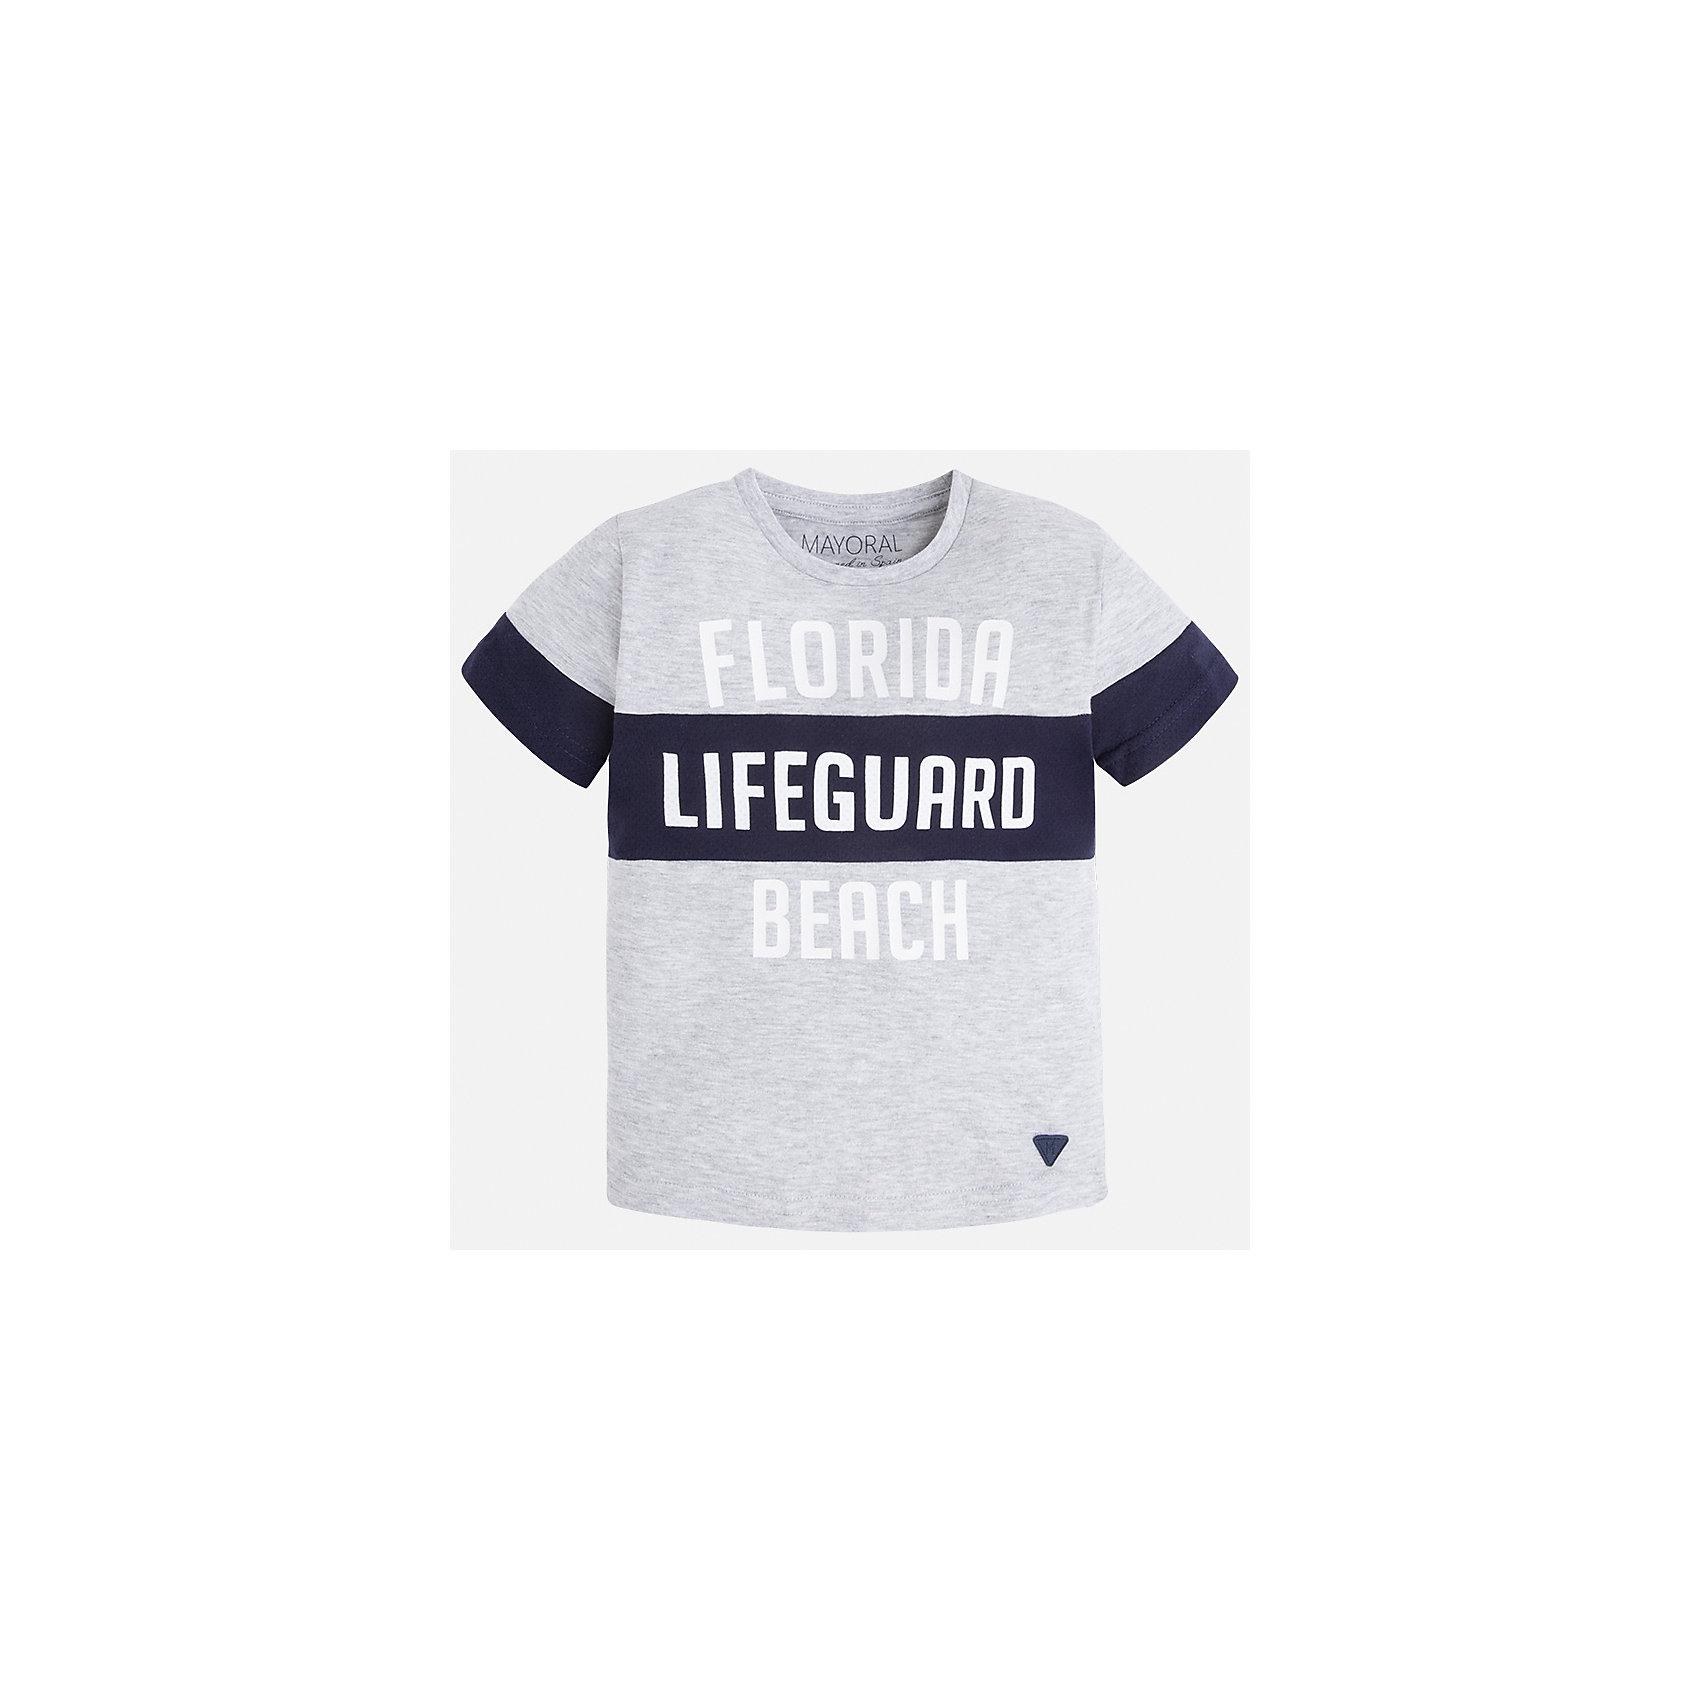 Футболка для мальчика MayoralХарактеристики товара:<br><br>• цвет: серый<br>• состав: 70% хлопок, 25% полиэстер, 5% вискоза<br>• круглый горловой вырез<br>• декорирована принтом<br>• короткие рукава<br>• отделка горловины<br>• страна бренда: Испания<br><br>Стильная удобная футболка с принтом поможет разнообразить гардероб мальчика. Она отлично сочетается с брюками, шортами, джинсами. Универсальный крой и цвет позволяет подобрать к вещи низ разных расцветок. Практичное и стильное изделие! Хорошо смотрится и комфортно сидит на детях. В составе материала - натуральный хлопок, гипоаллергенный, приятный на ощупь, дышащий. <br><br>Одежда, обувь и аксессуары от испанского бренда Mayoral полюбились детям и взрослым по всему миру. Модели этой марки - стильные и удобные. Для их производства используются только безопасные, качественные материалы и фурнитура. Порадуйте ребенка модными и красивыми вещами от Mayoral! <br><br>Футболку для мальчика от испанского бренда Mayoral (Майорал) можно купить в нашем интернет-магазине.<br><br>Ширина мм: 199<br>Глубина мм: 10<br>Высота мм: 161<br>Вес г: 151<br>Цвет: белый<br>Возраст от месяцев: 72<br>Возраст до месяцев: 84<br>Пол: Мужской<br>Возраст: Детский<br>Размер: 122,116,110,98,134,92,128,104<br>SKU: 5280183